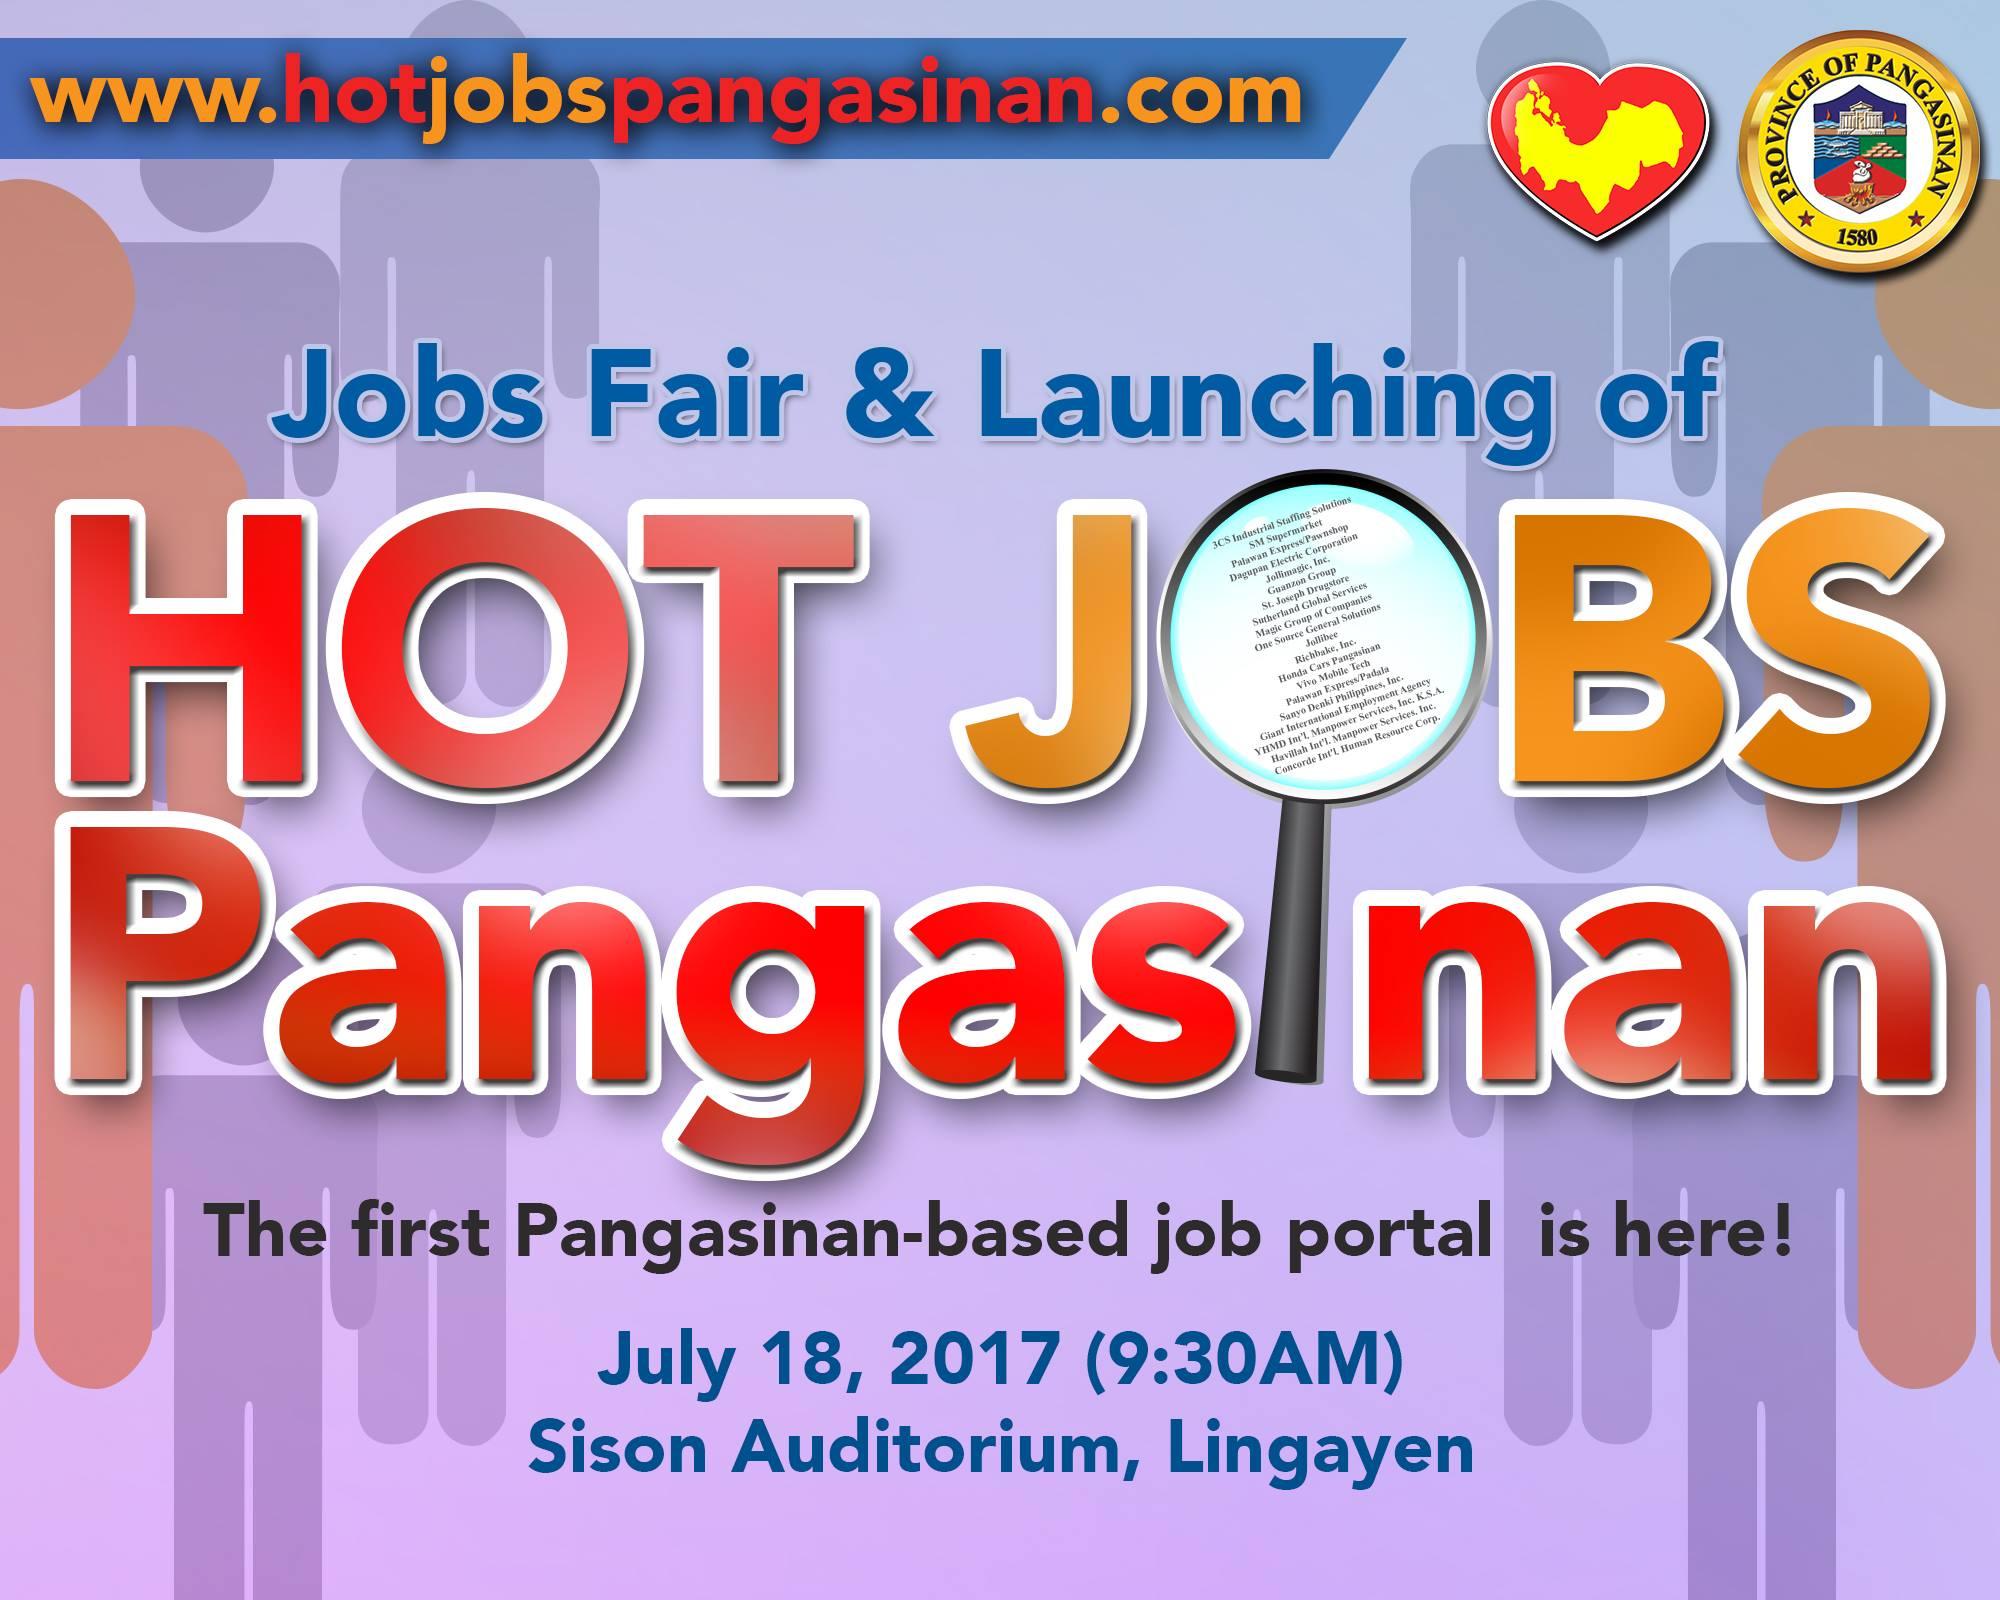 web_job fair_sison auditorium